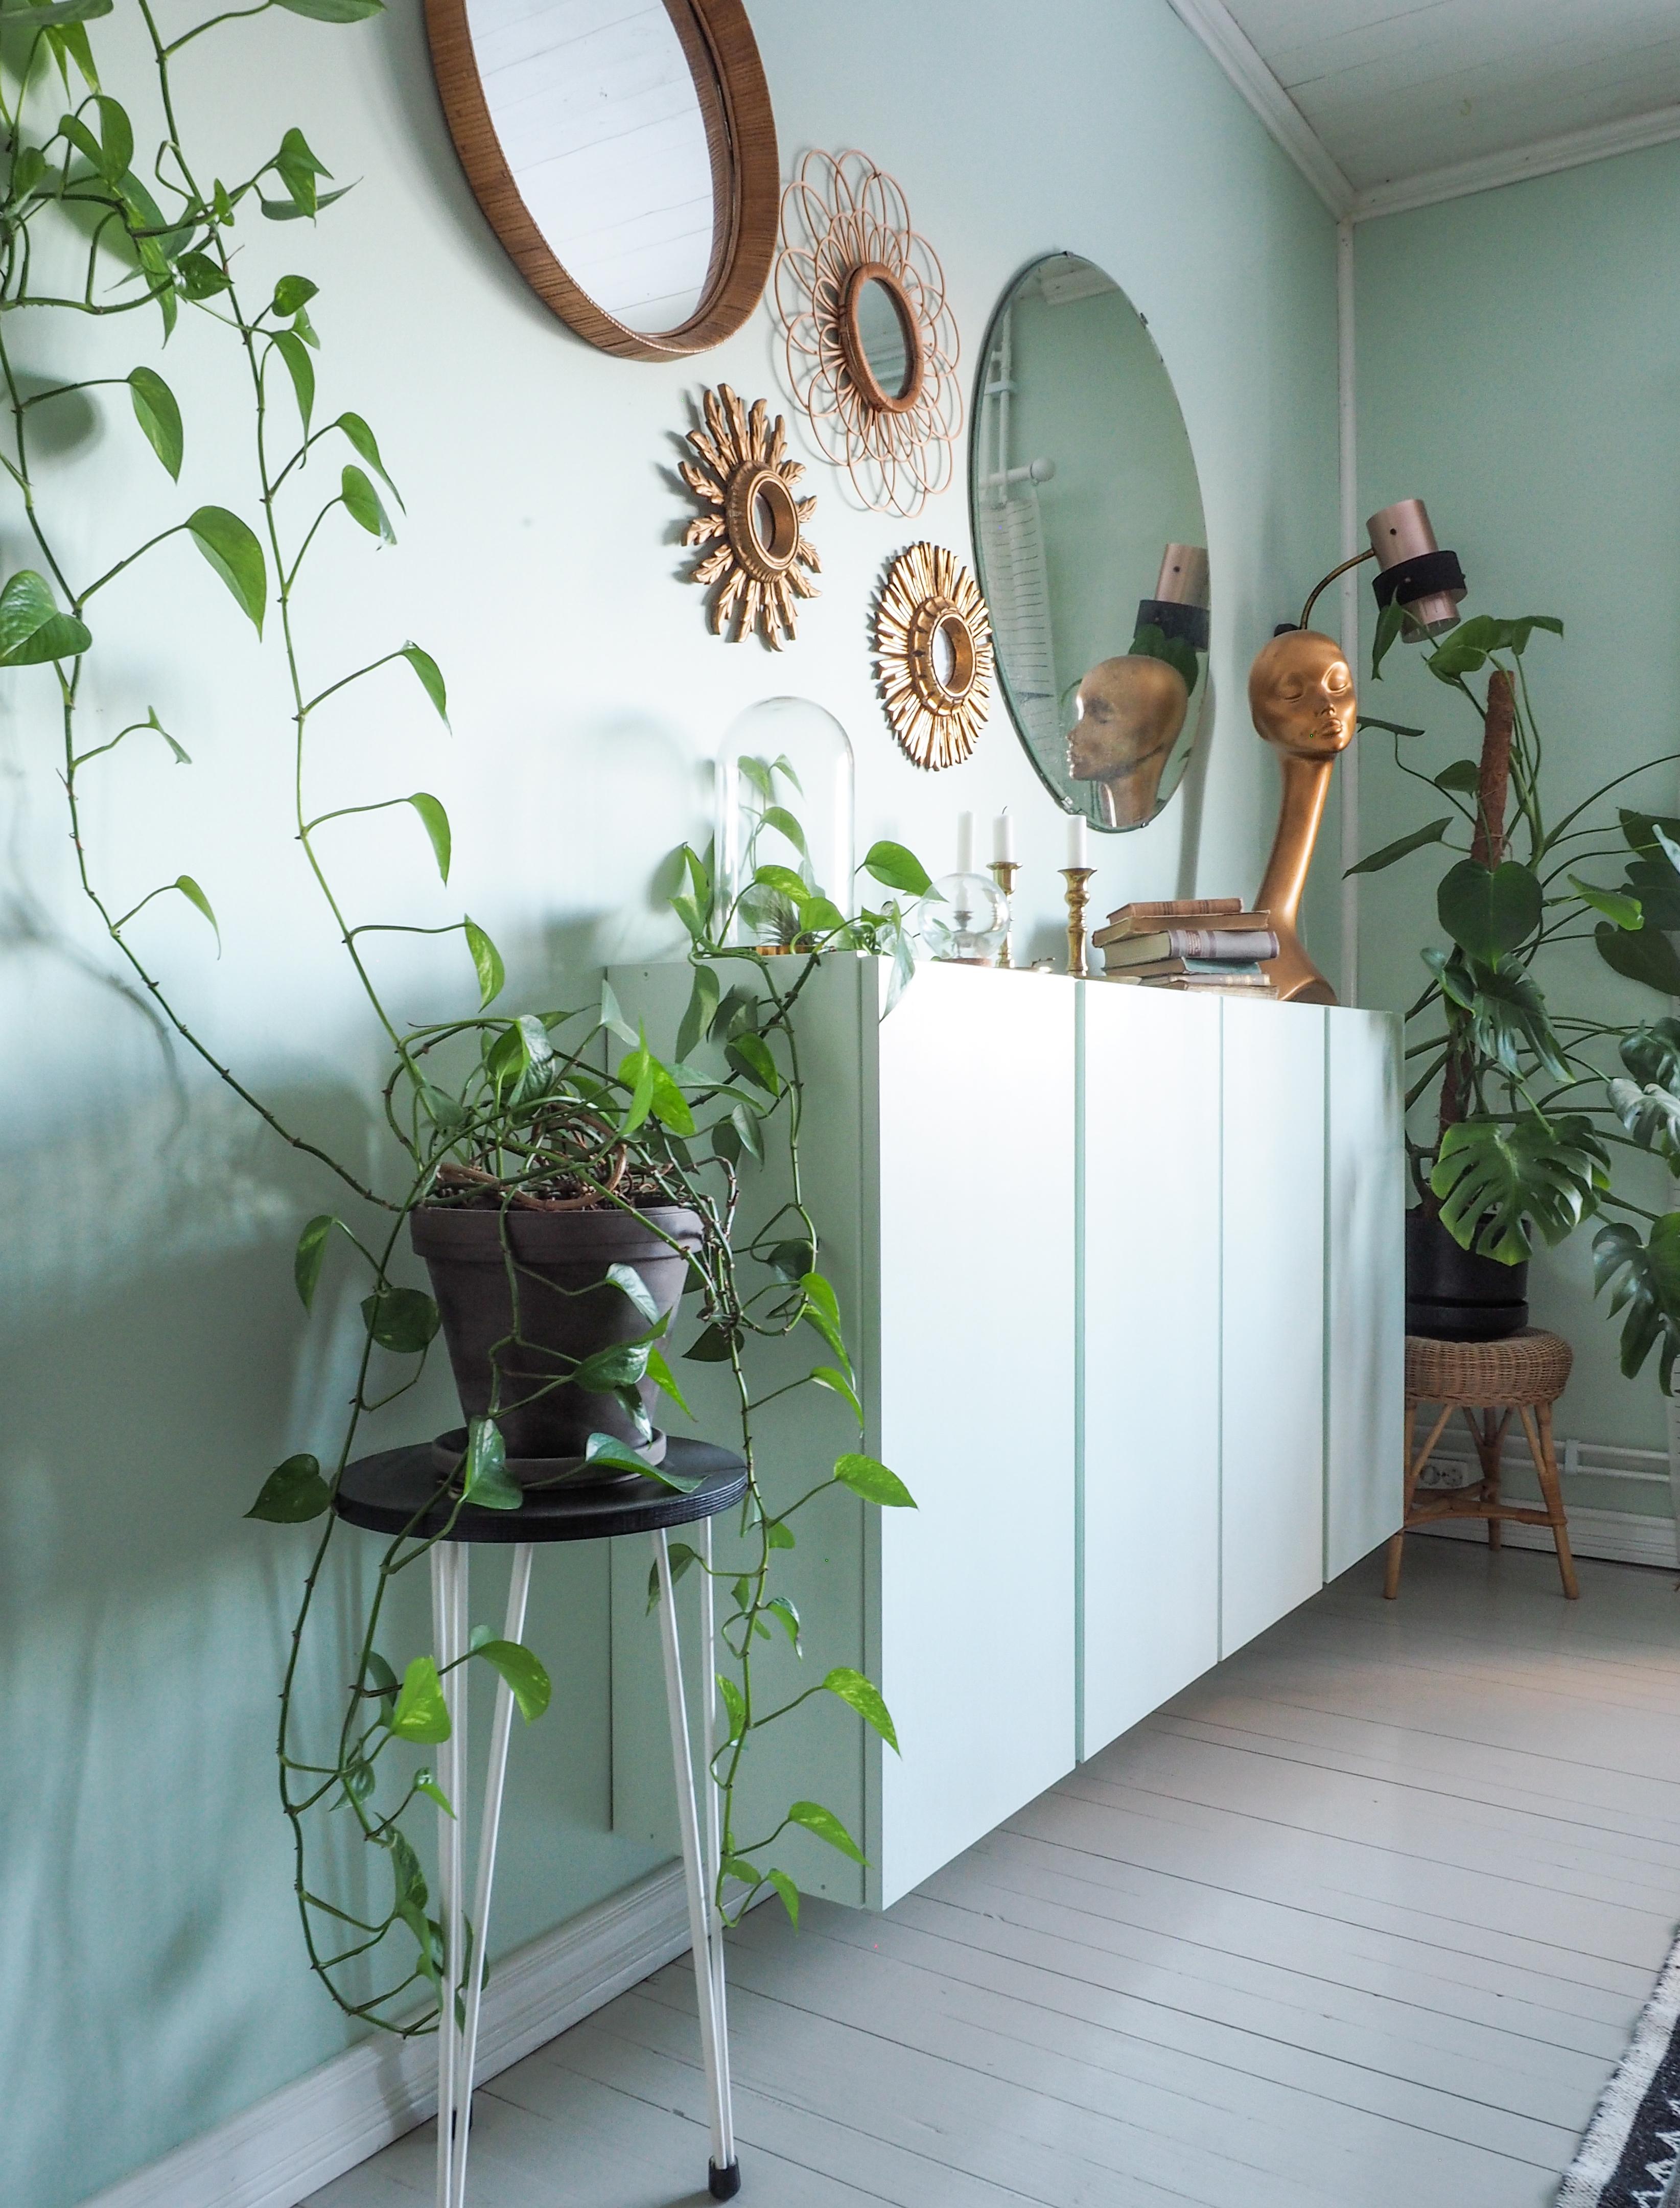 Pauliina maalasi kaapit samalla mintunvihreällä sävyllä kuin huoneen  seinänkin. Kun kaapit vielä kiinnitettiin seinään hieman irti lattiasta 83c8b602c4